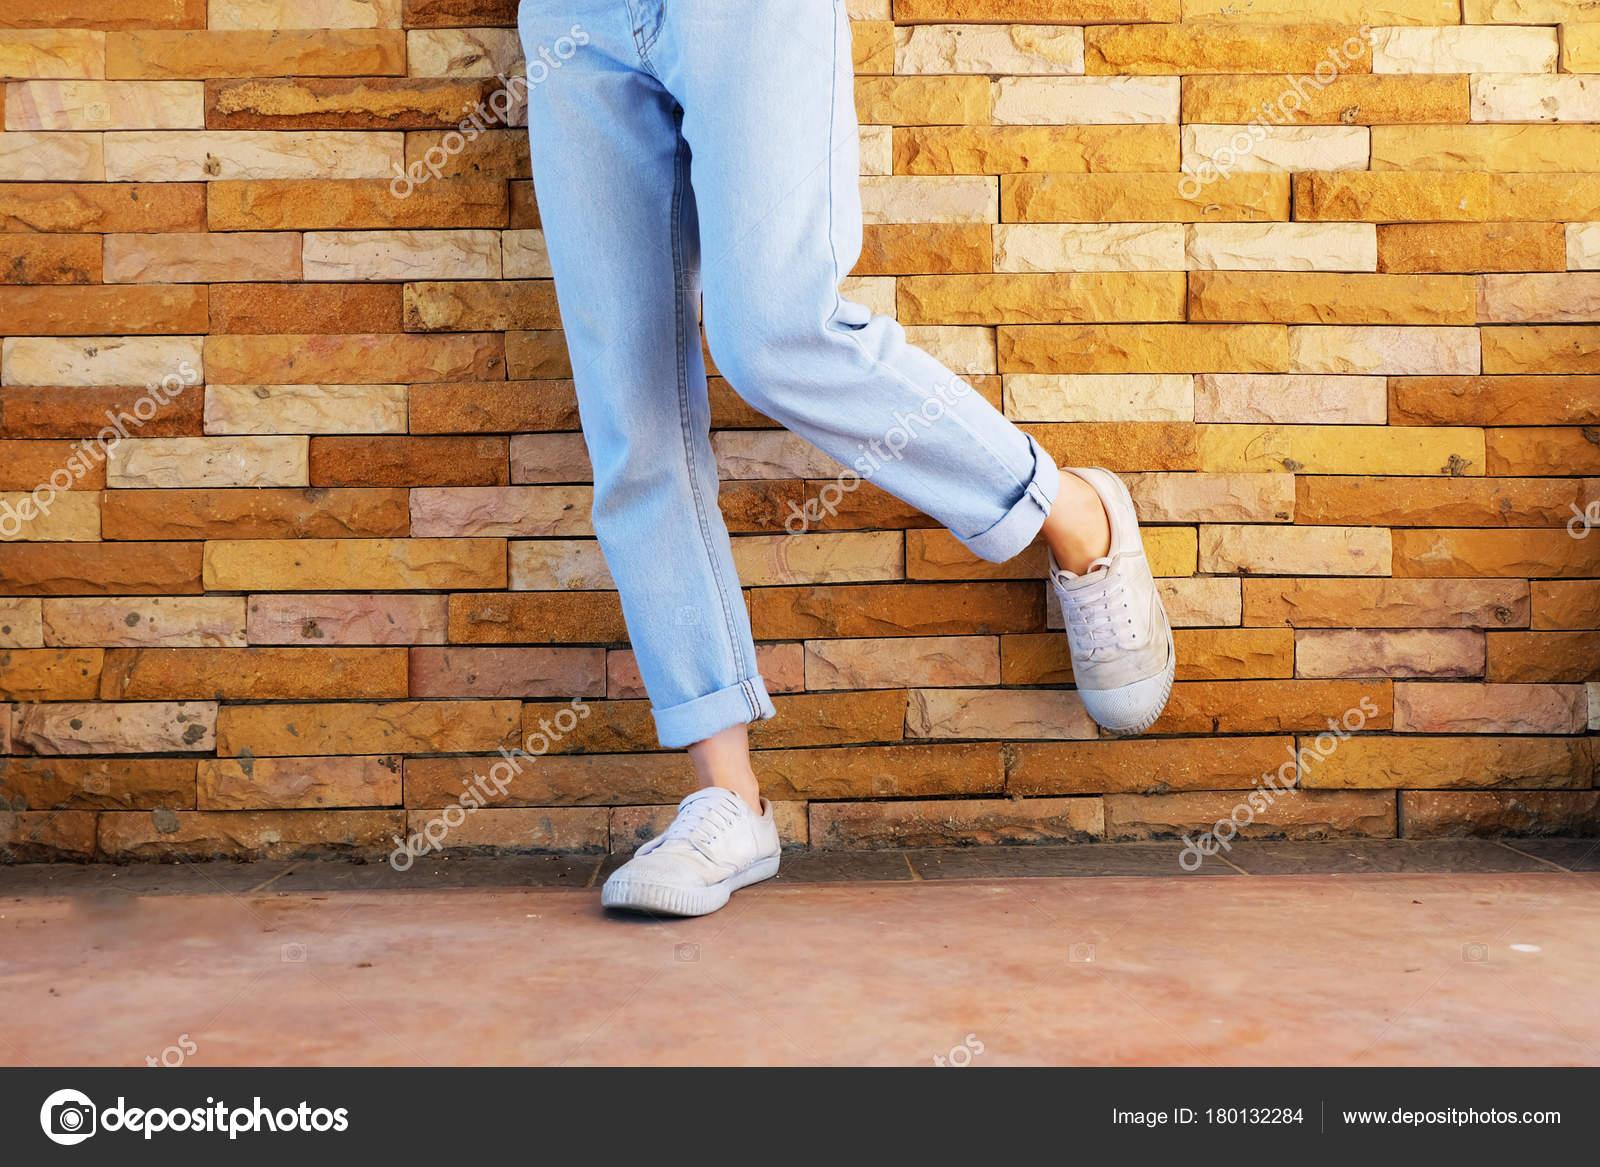 Usa Blancas Viejos Zapatos Blancos Zapatillas Pantalones Mujer WDHIY2E9